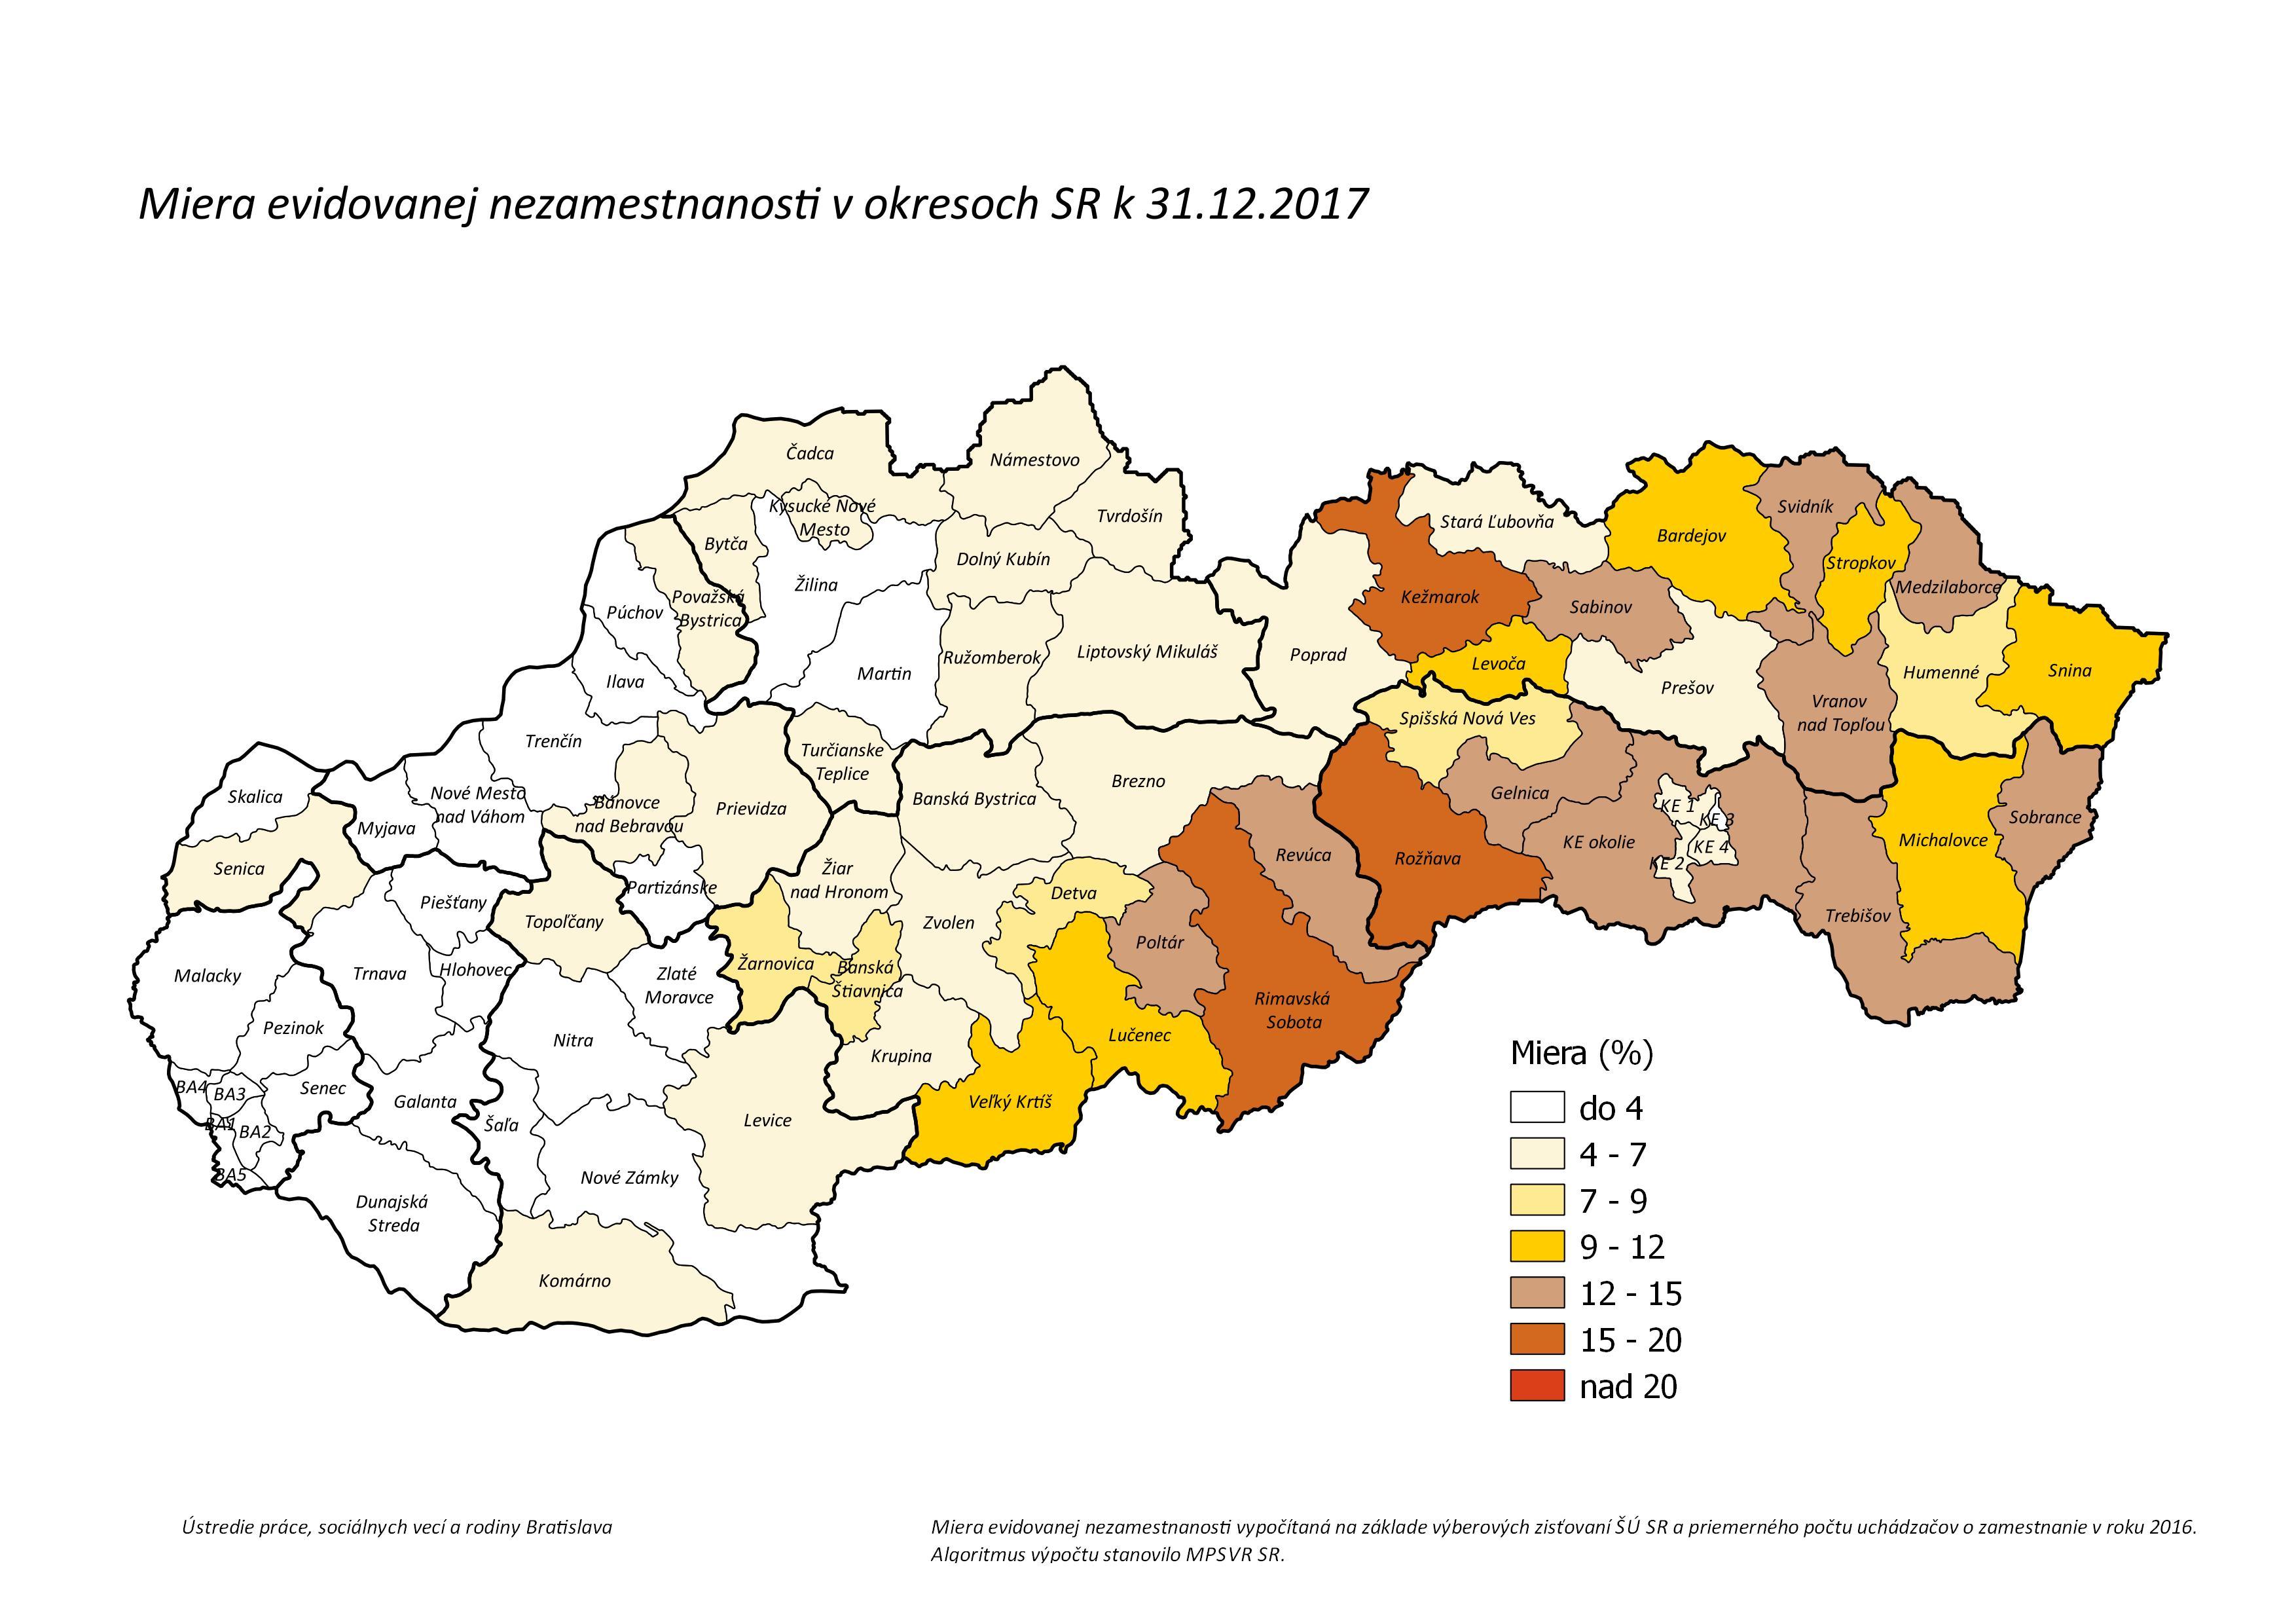 Miera evidovanej nezamestnanosti, nezamestnanosť v okresoch SR za december 2017